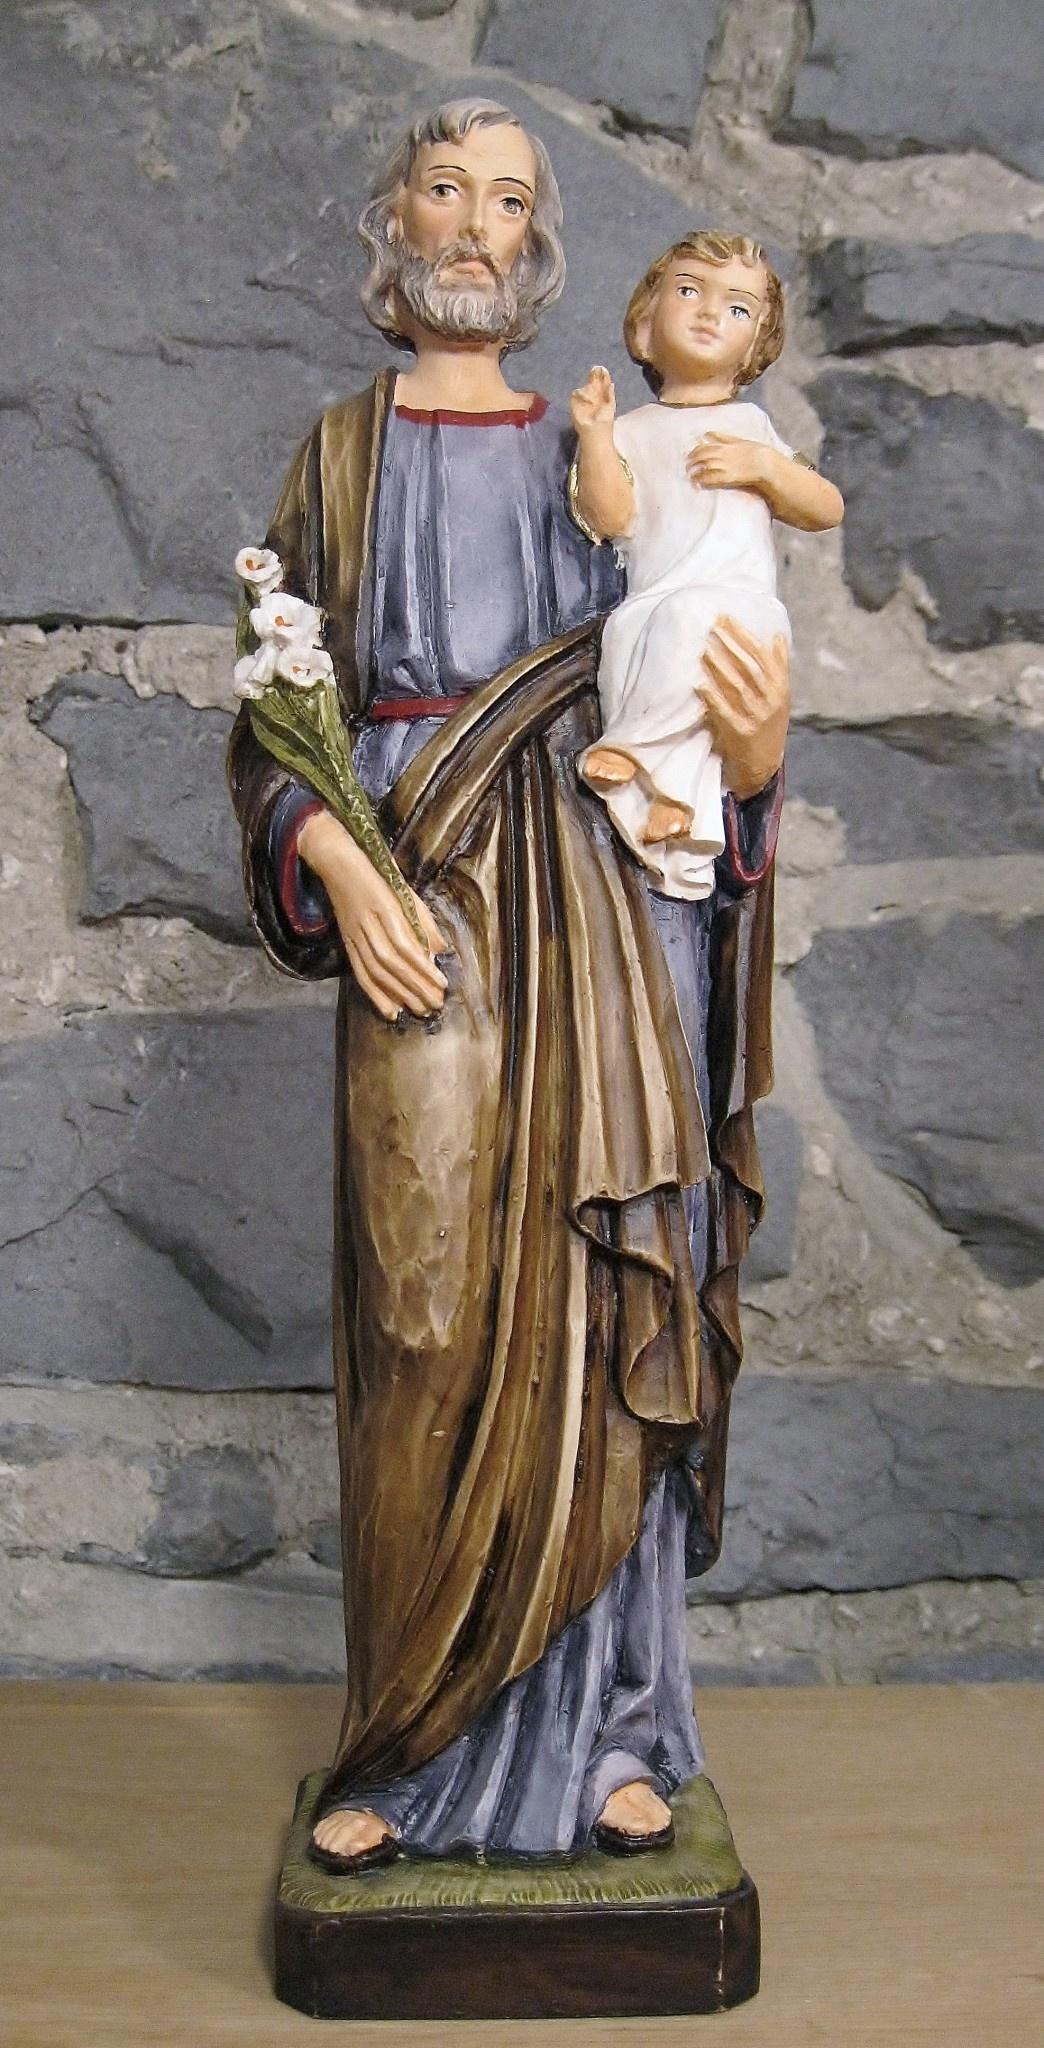 Pasquini St. Joseph with Child Jesus - 12 inches